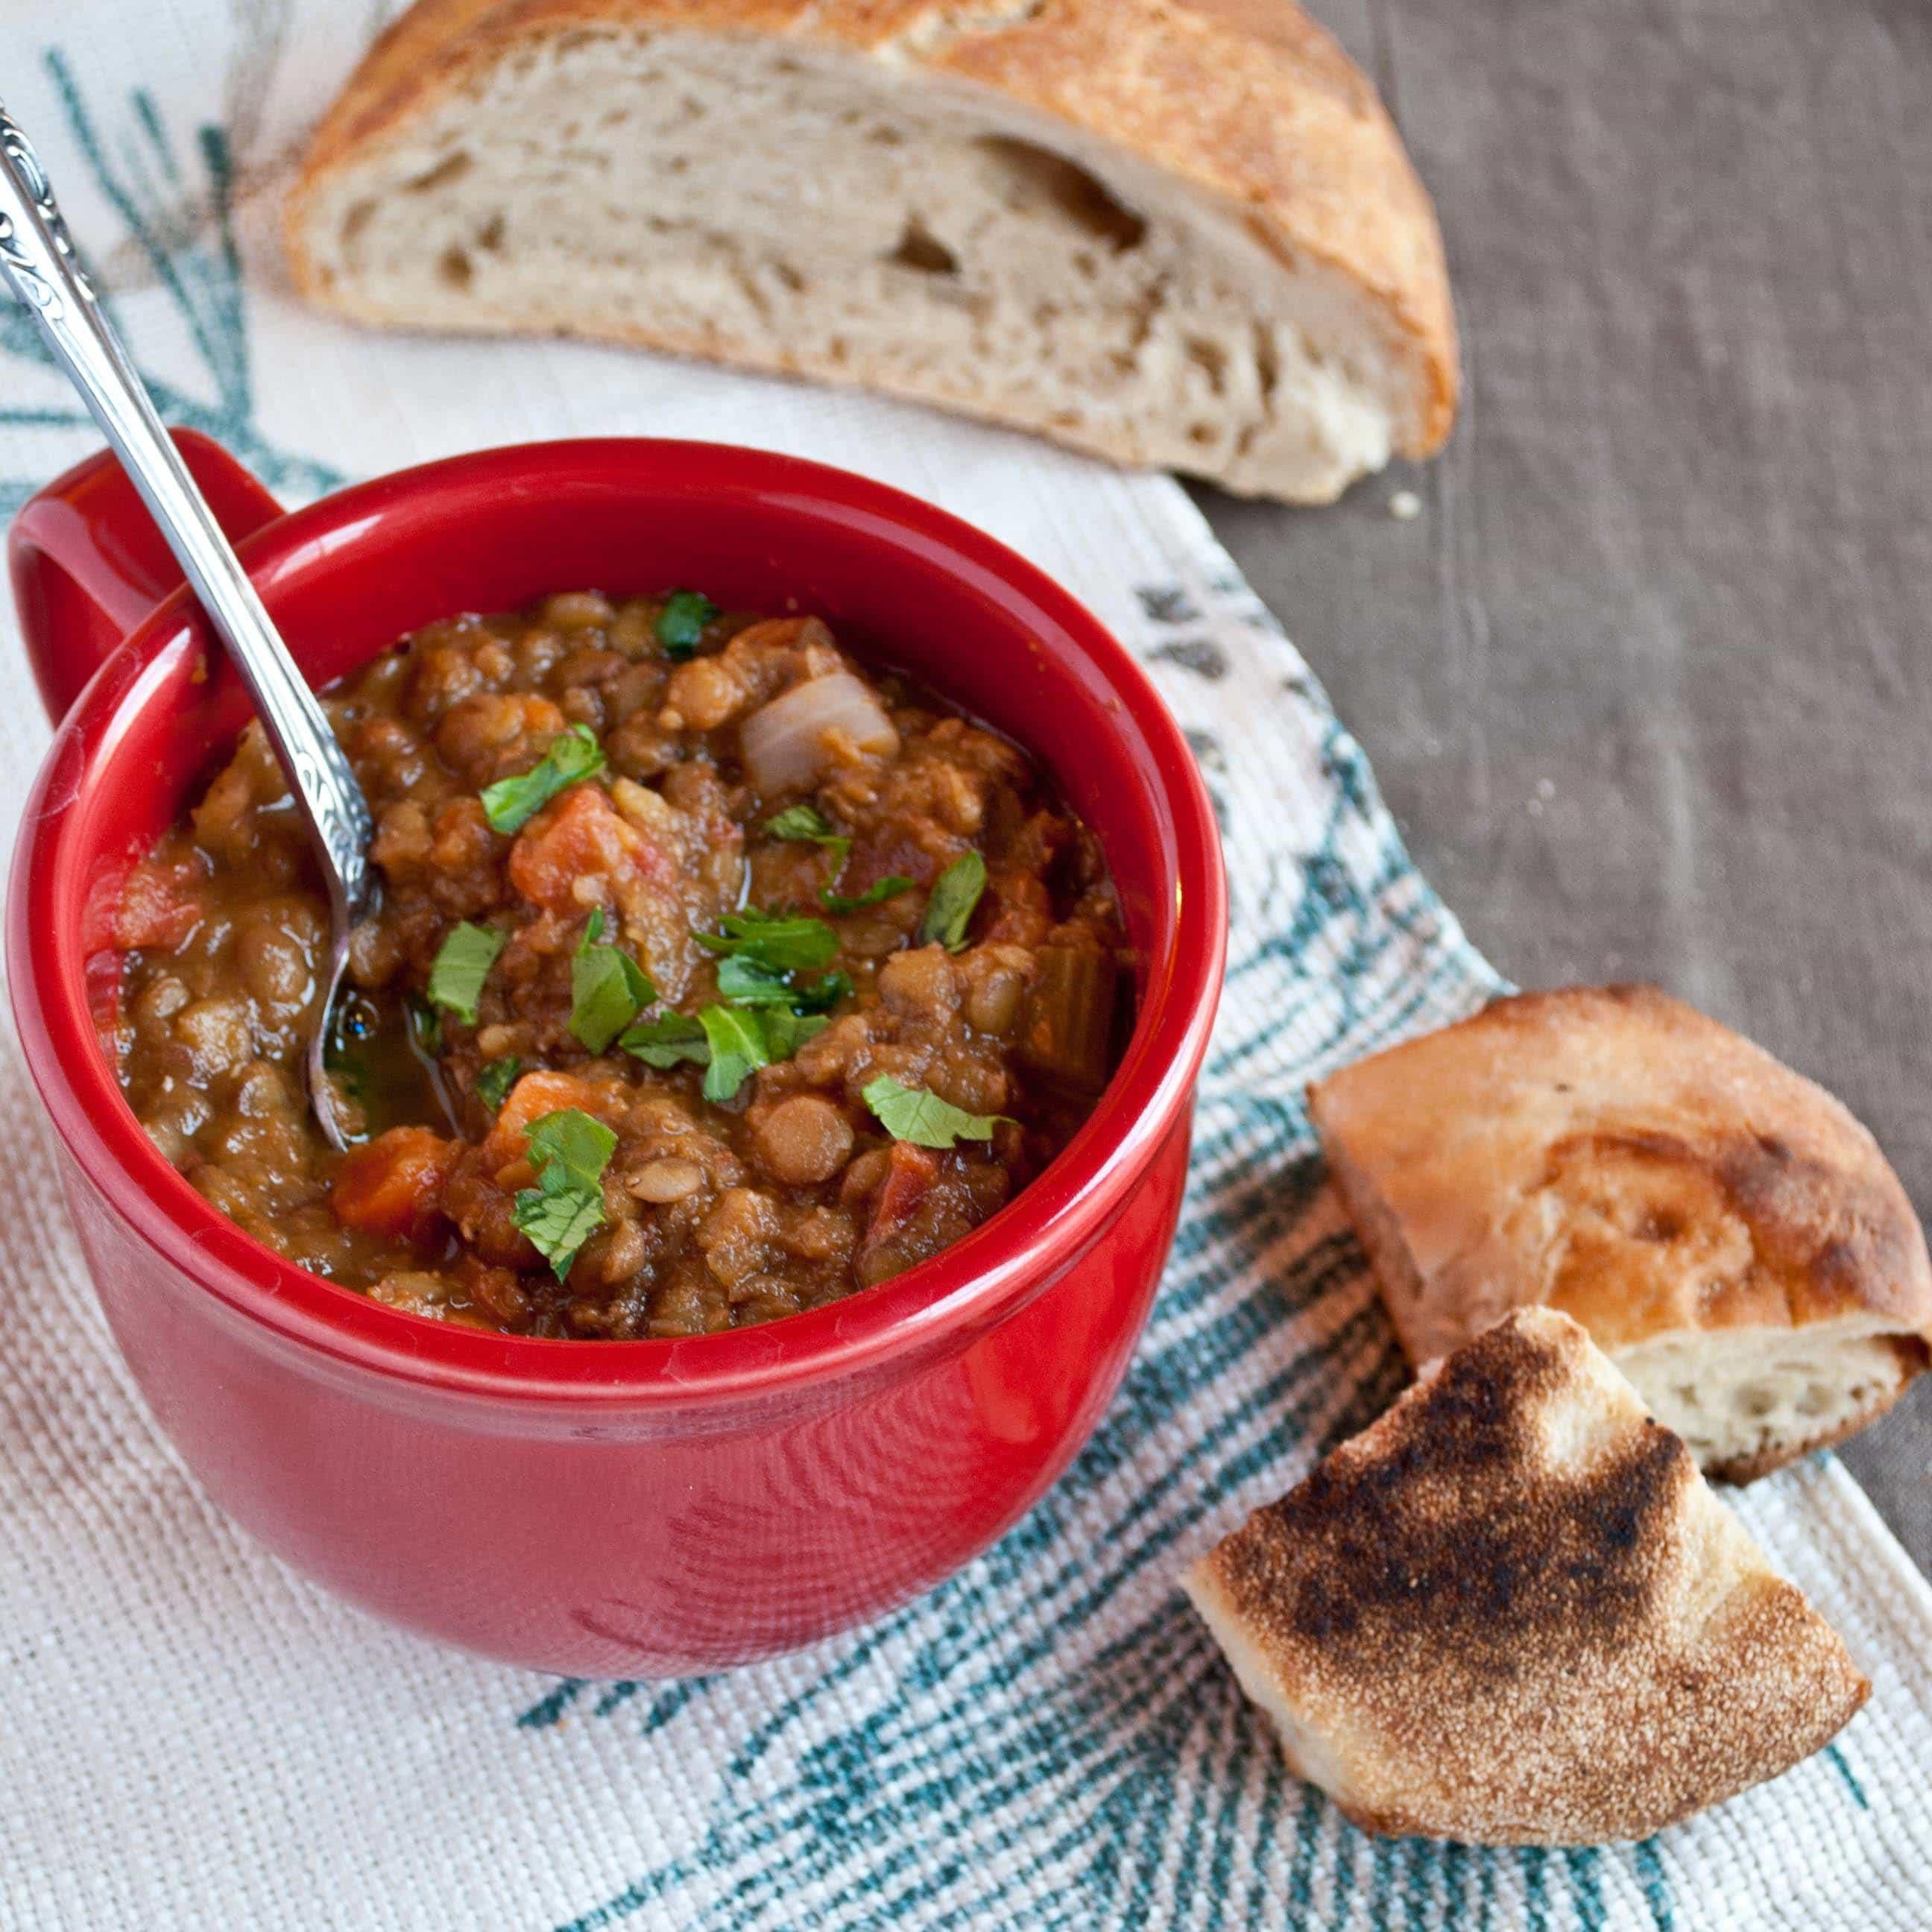 Recipe for Vegan Gluten Free Lentil Soup